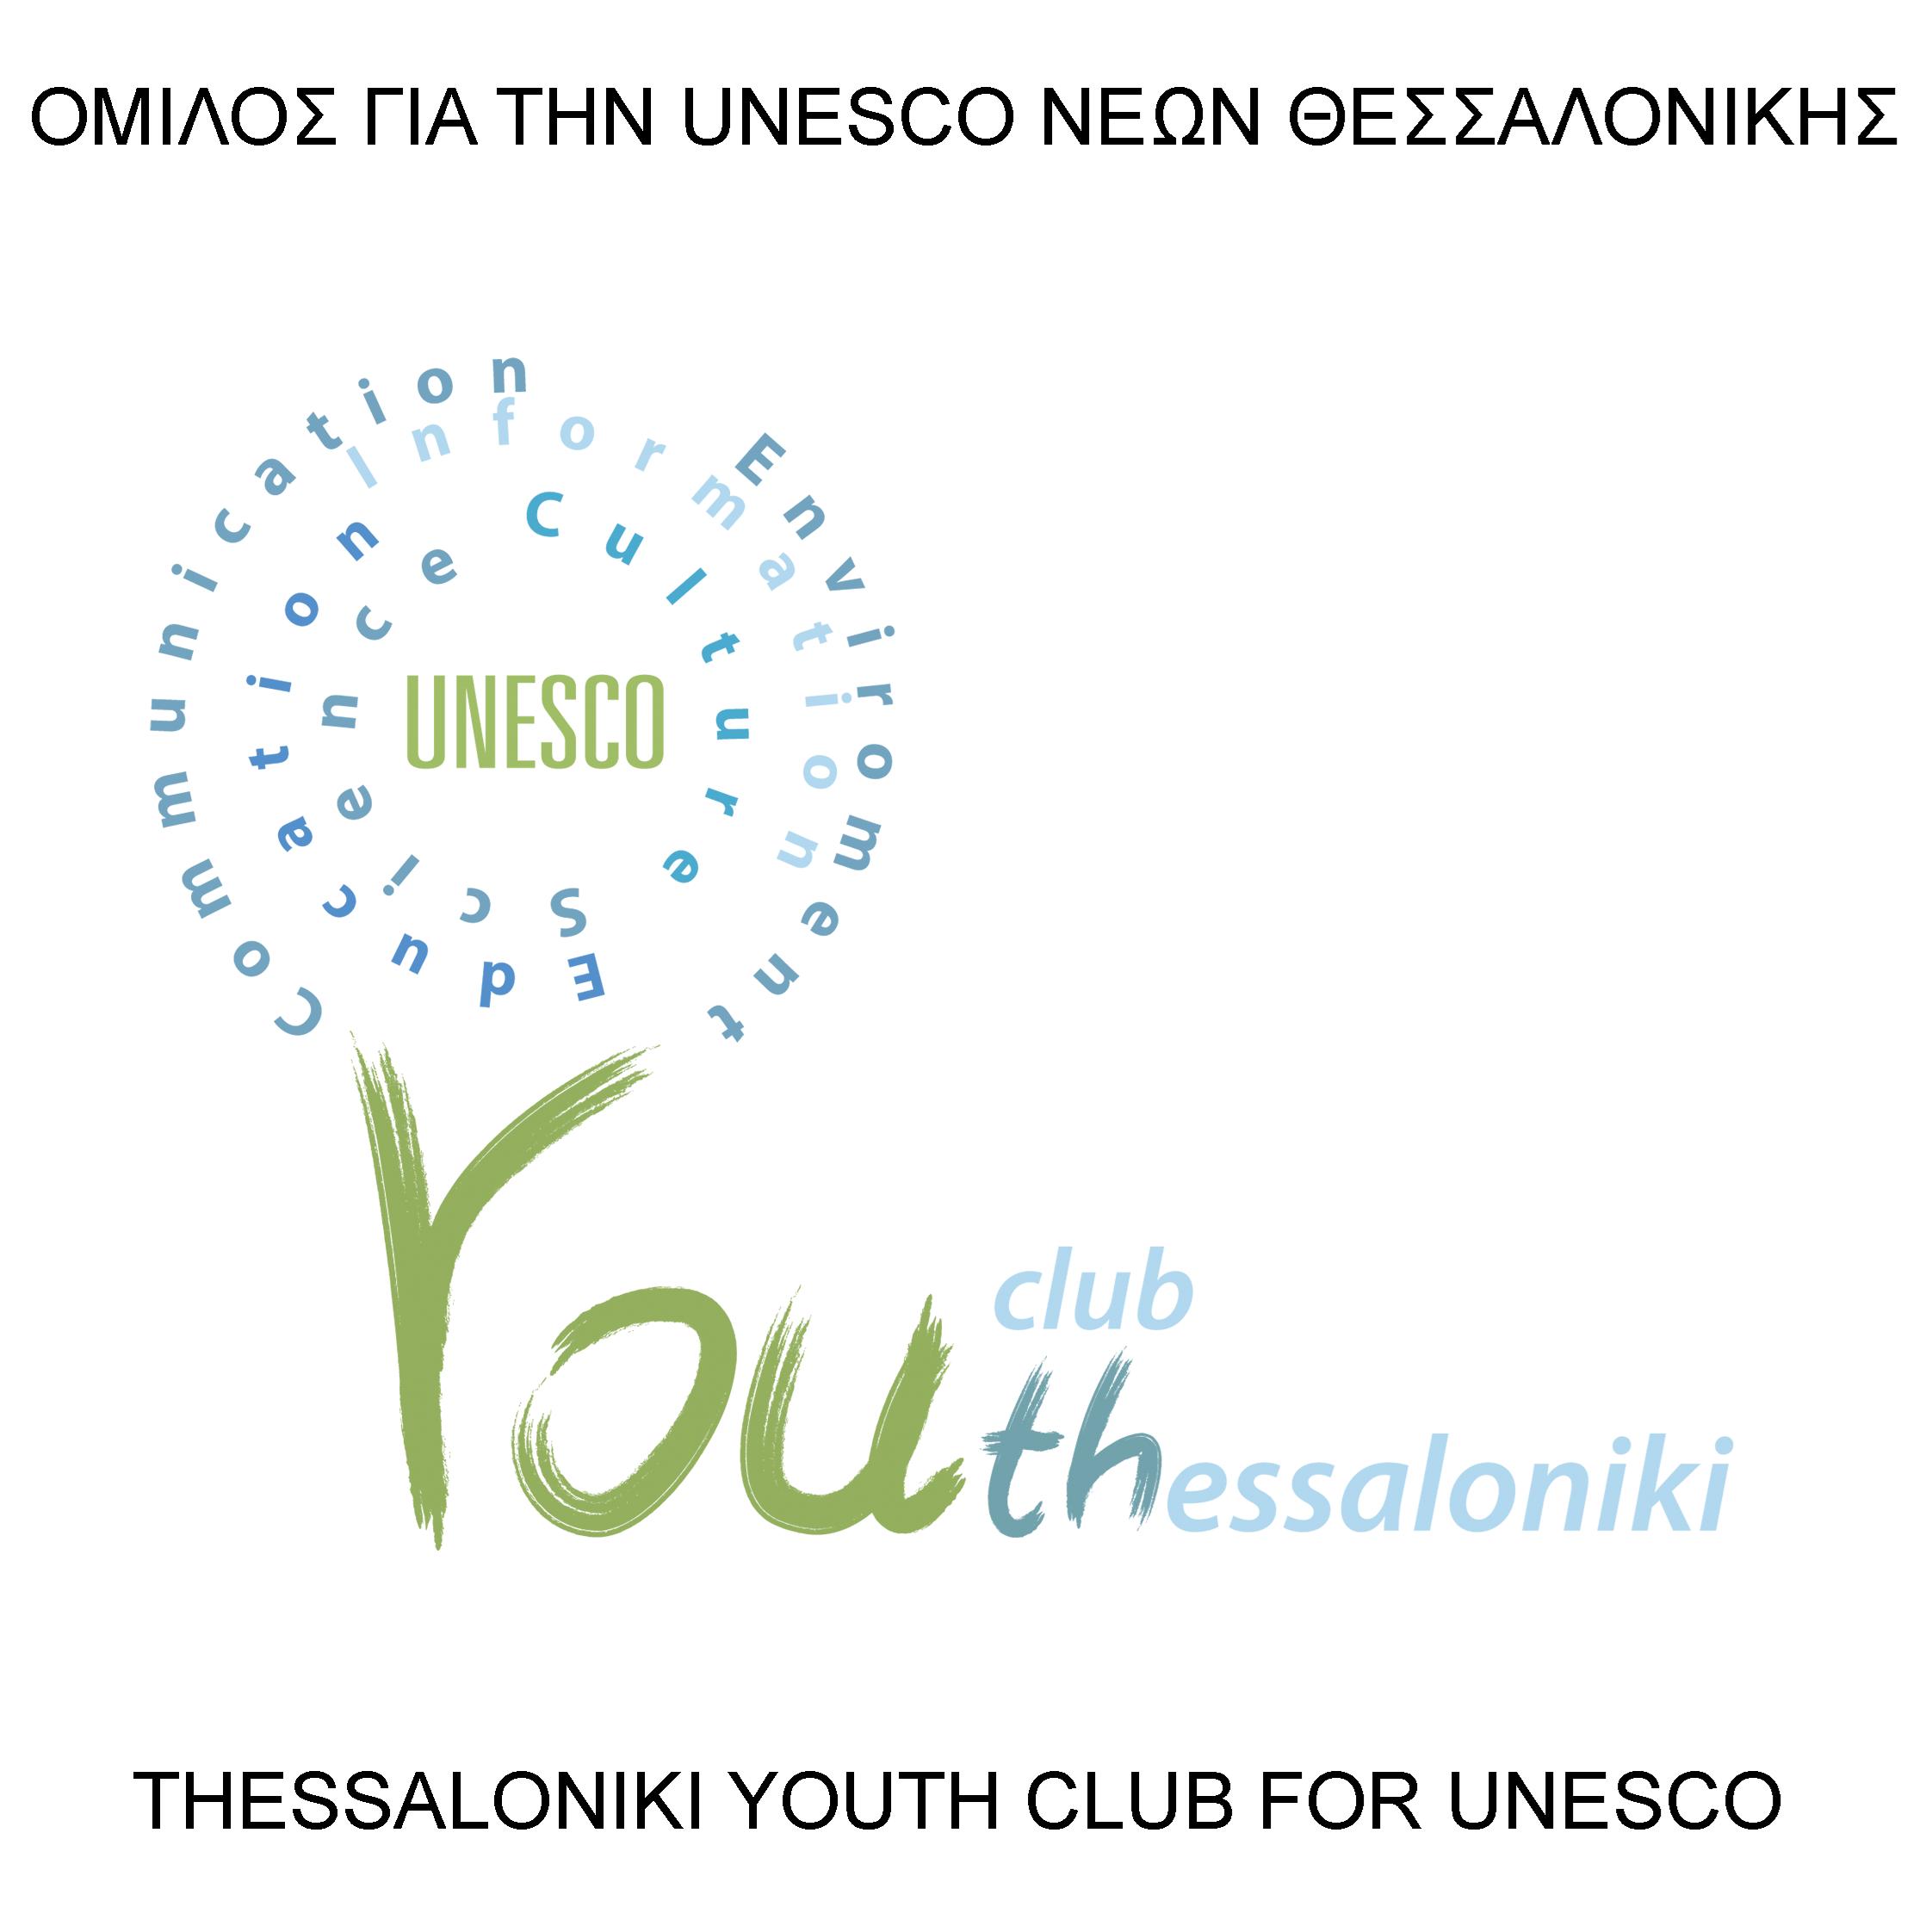 Λογότυπο Ομίλου για την UNESCO Νέων Θεσσαλονίκης